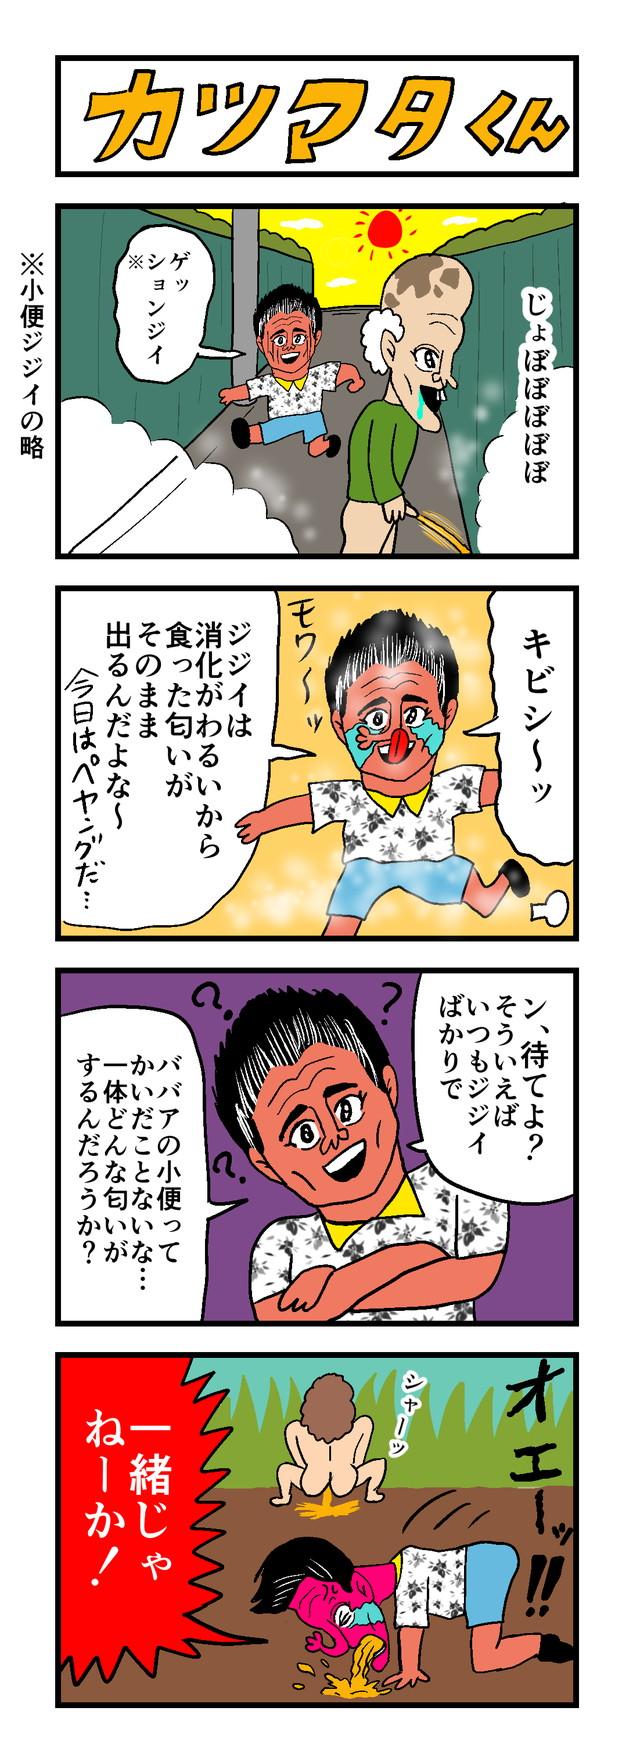 しょんべん_re